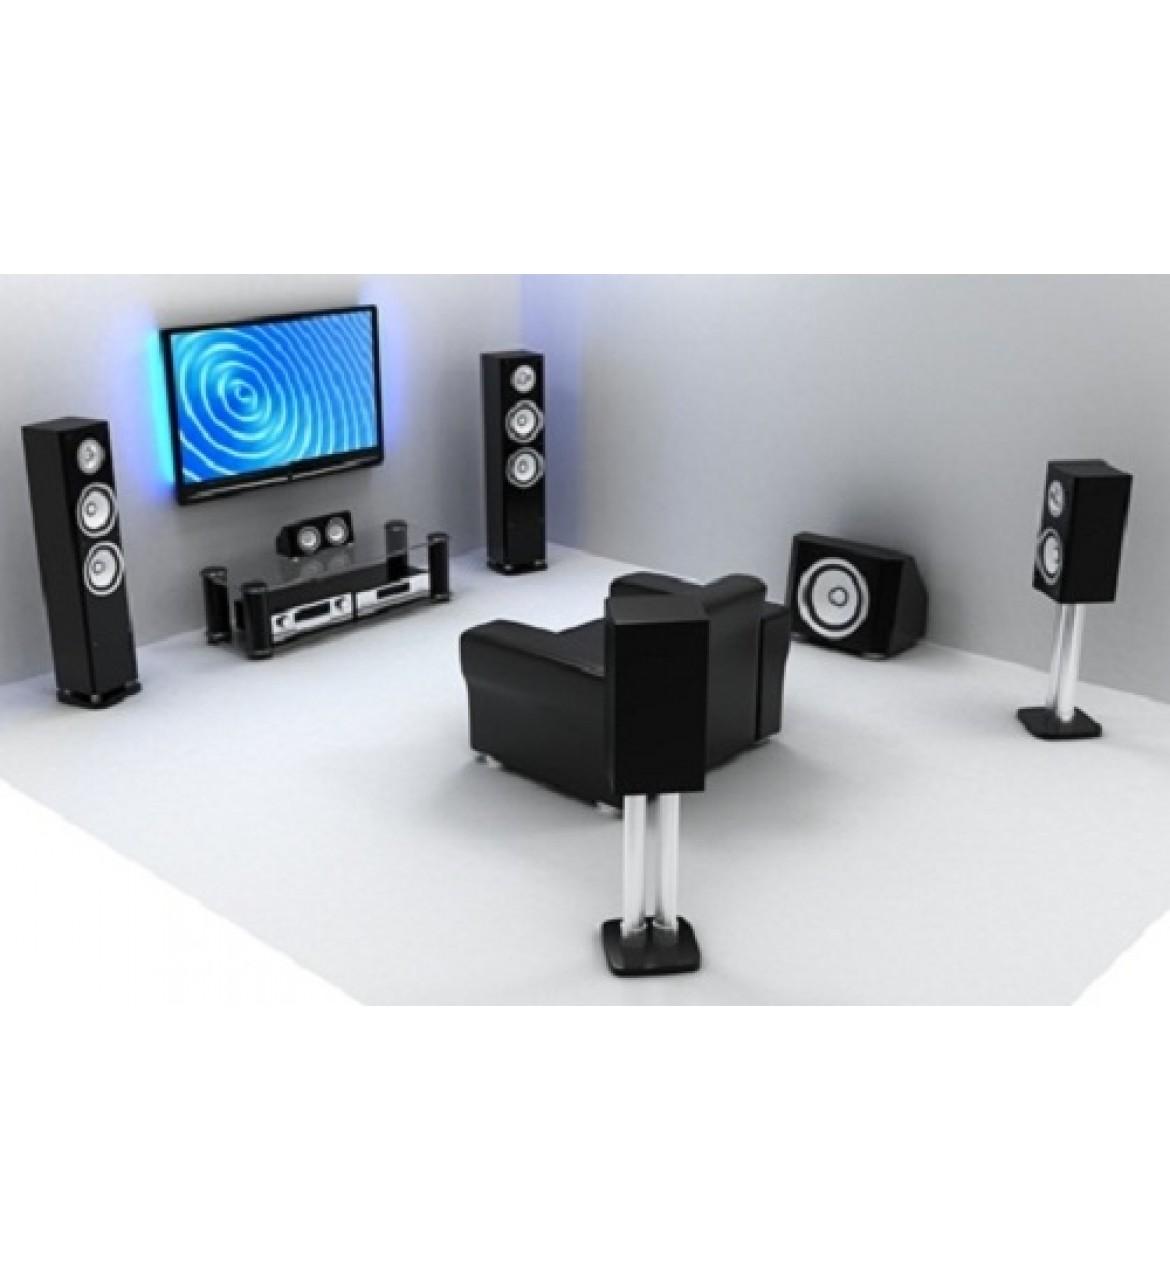 Hướng dẫn cách lắp đặt hệ thống âm thanh